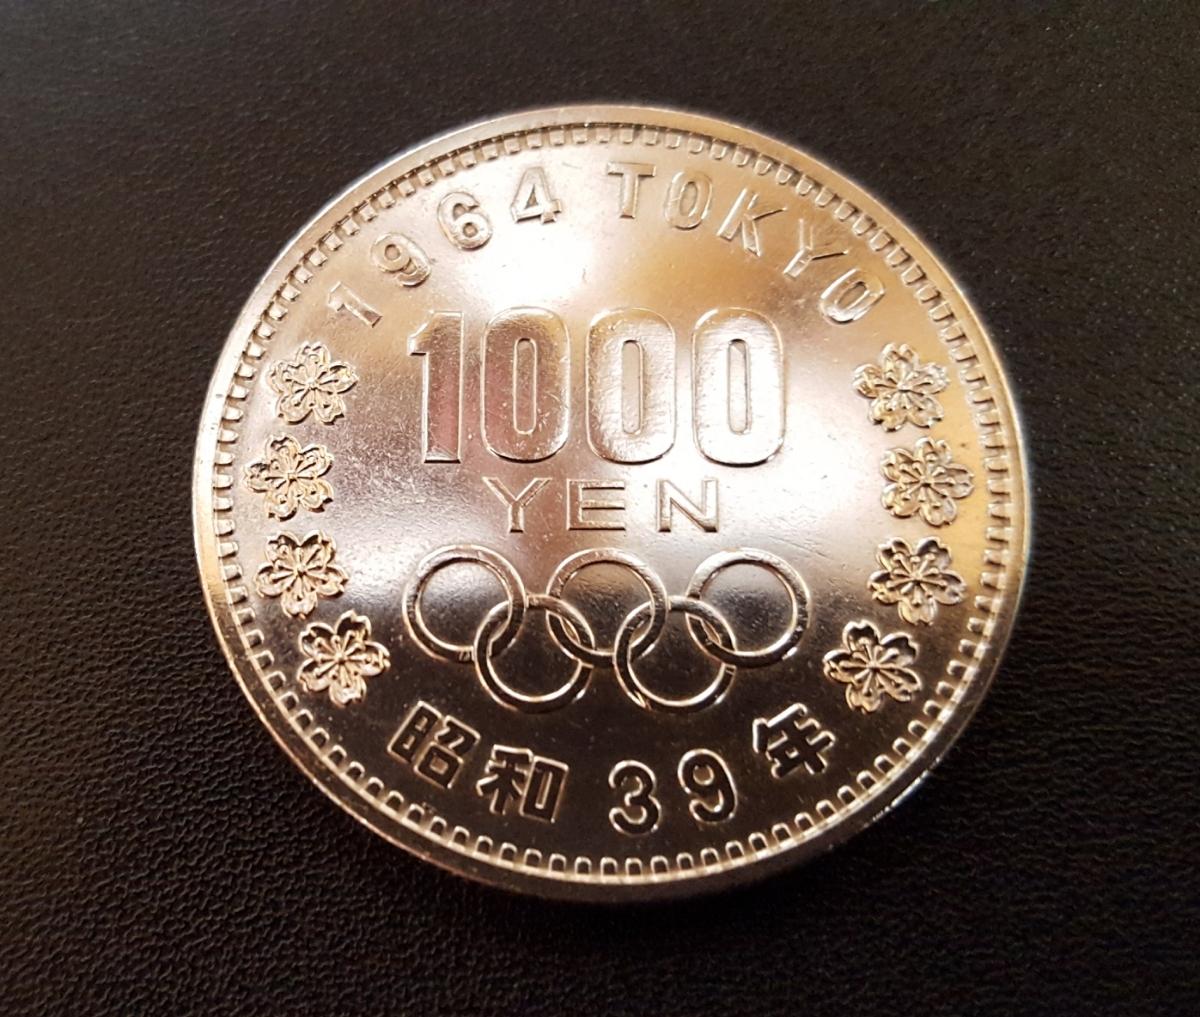 東京オリンピック1000円銀貨 東京五輪 記念硬貨 AAA級(最上位レベル)品位 BB20 1000円スタート!